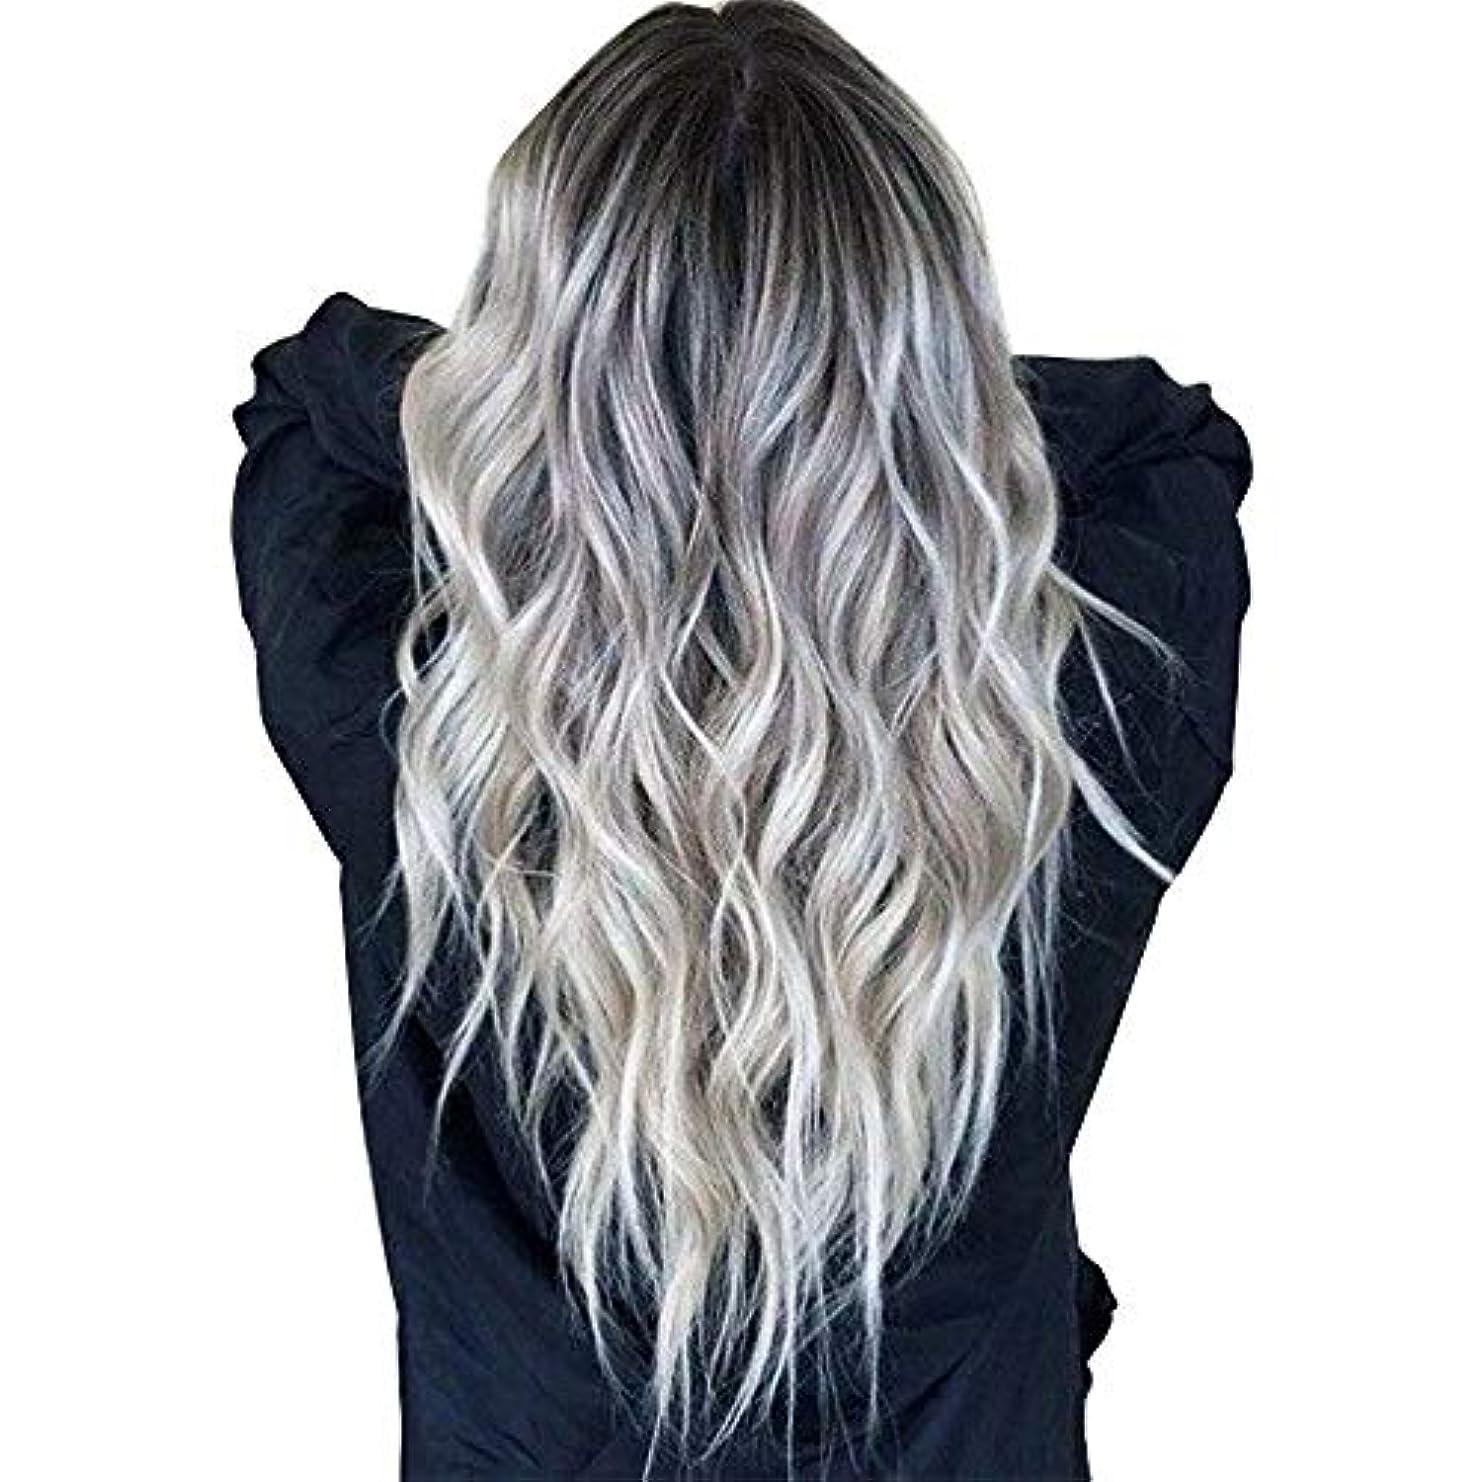 厚いお酢モザイクウィッグキャップかつらで長いファンシードレスカールウィッグ高品質の人工毛髪コスプレ高密度ウィッグ女性と女の子のためのかつら27.5インチv